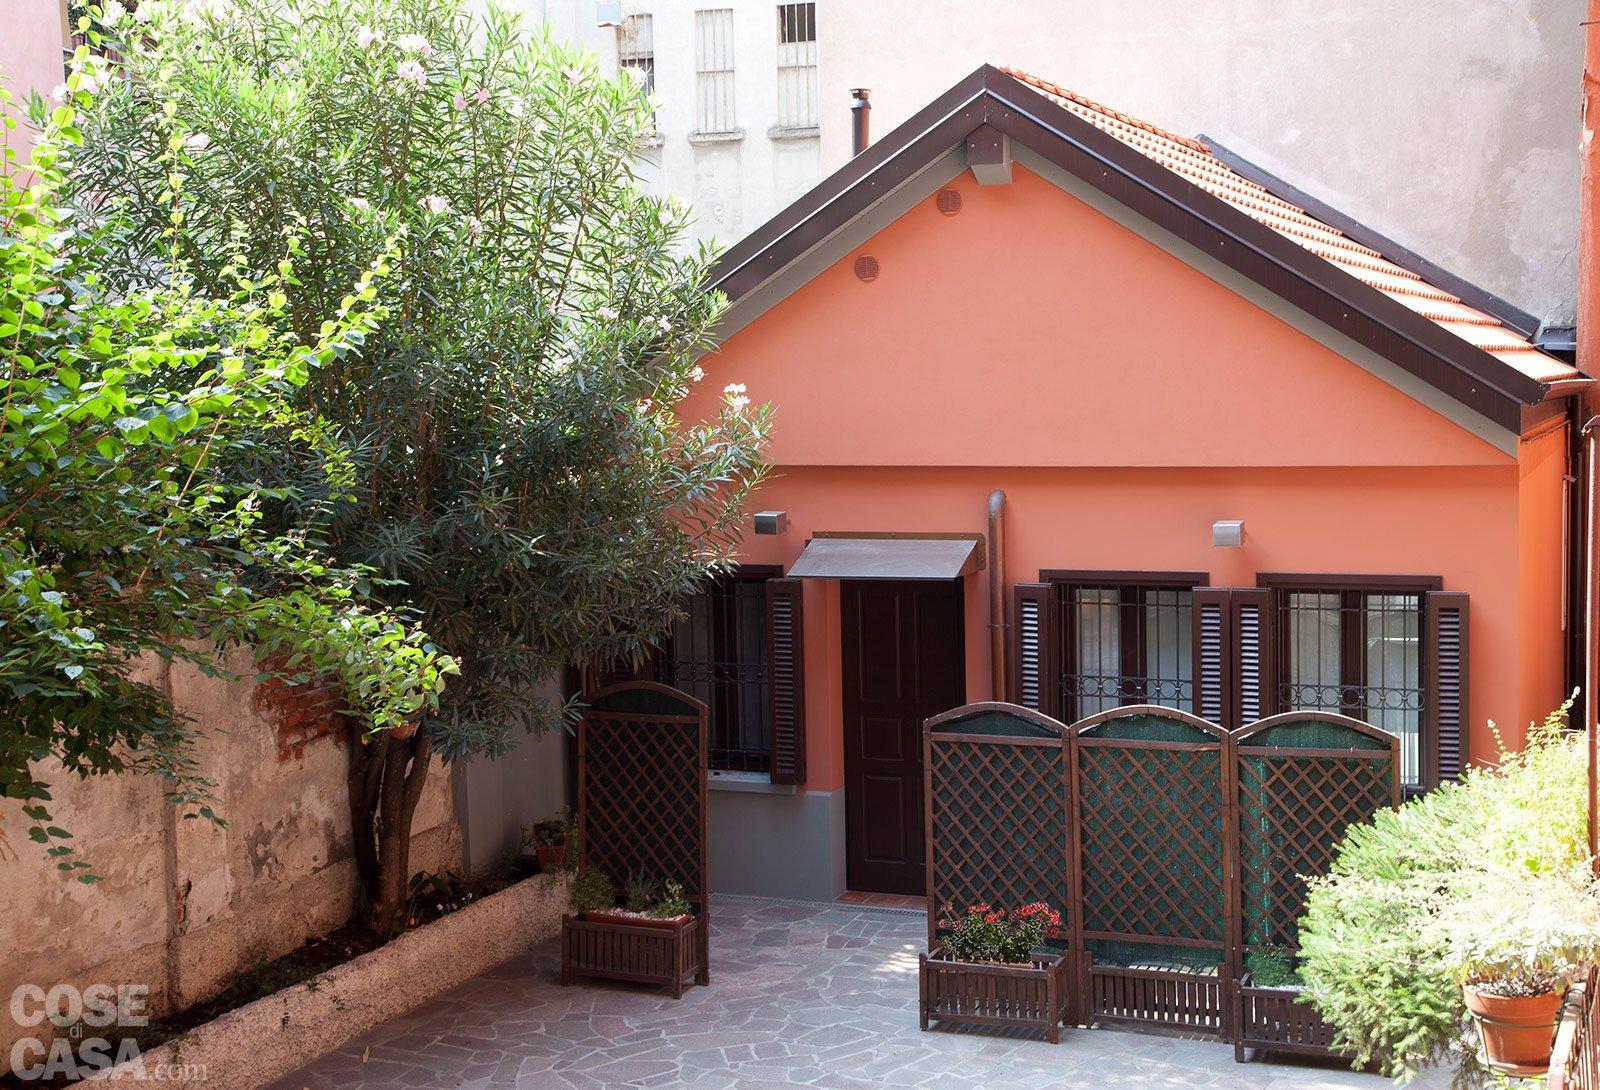 Casabook immobiliare da box a casa un incredibile trasformazione - Colori da esterno ...